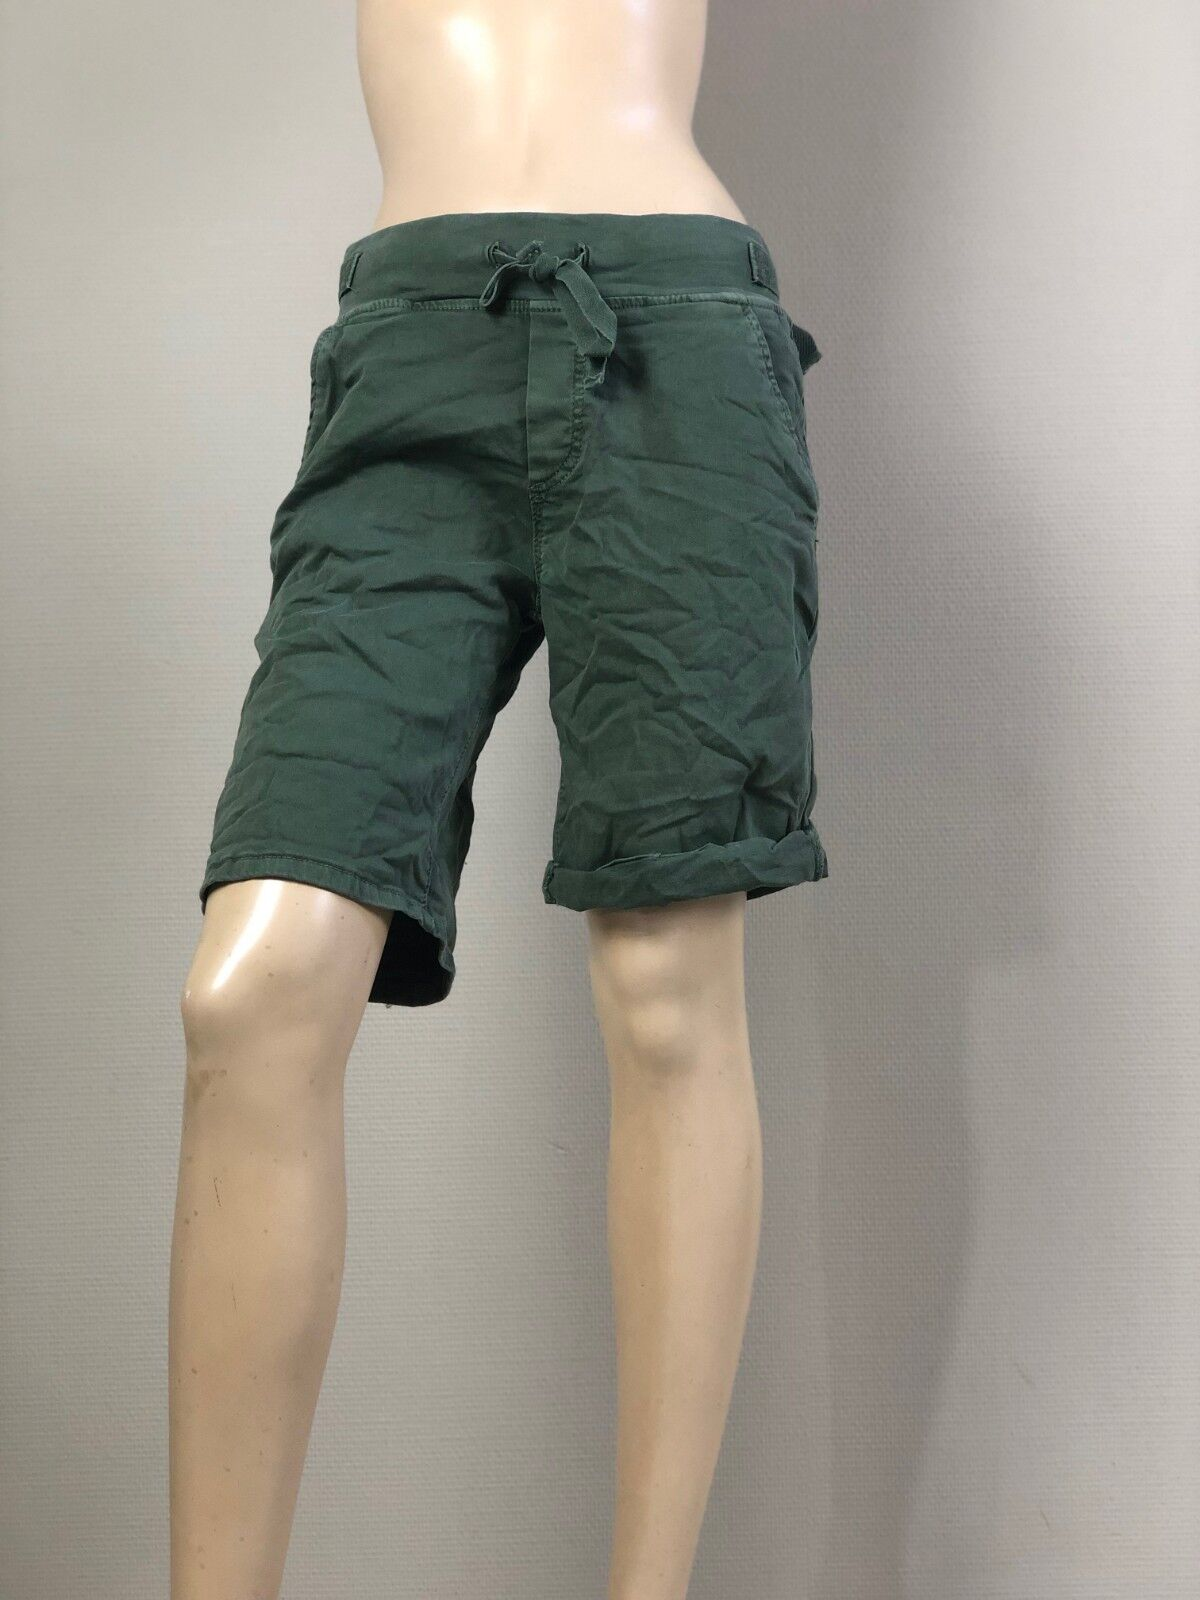 Melly&Co khaki oliv grün Jogging-Style-Shorts Bermuda sportlich Hose XS S M L XL | Der Schatz des Kindes, unser Glück  | Neu  | Hochwertige Materialien  | Beliebte Empfehlung